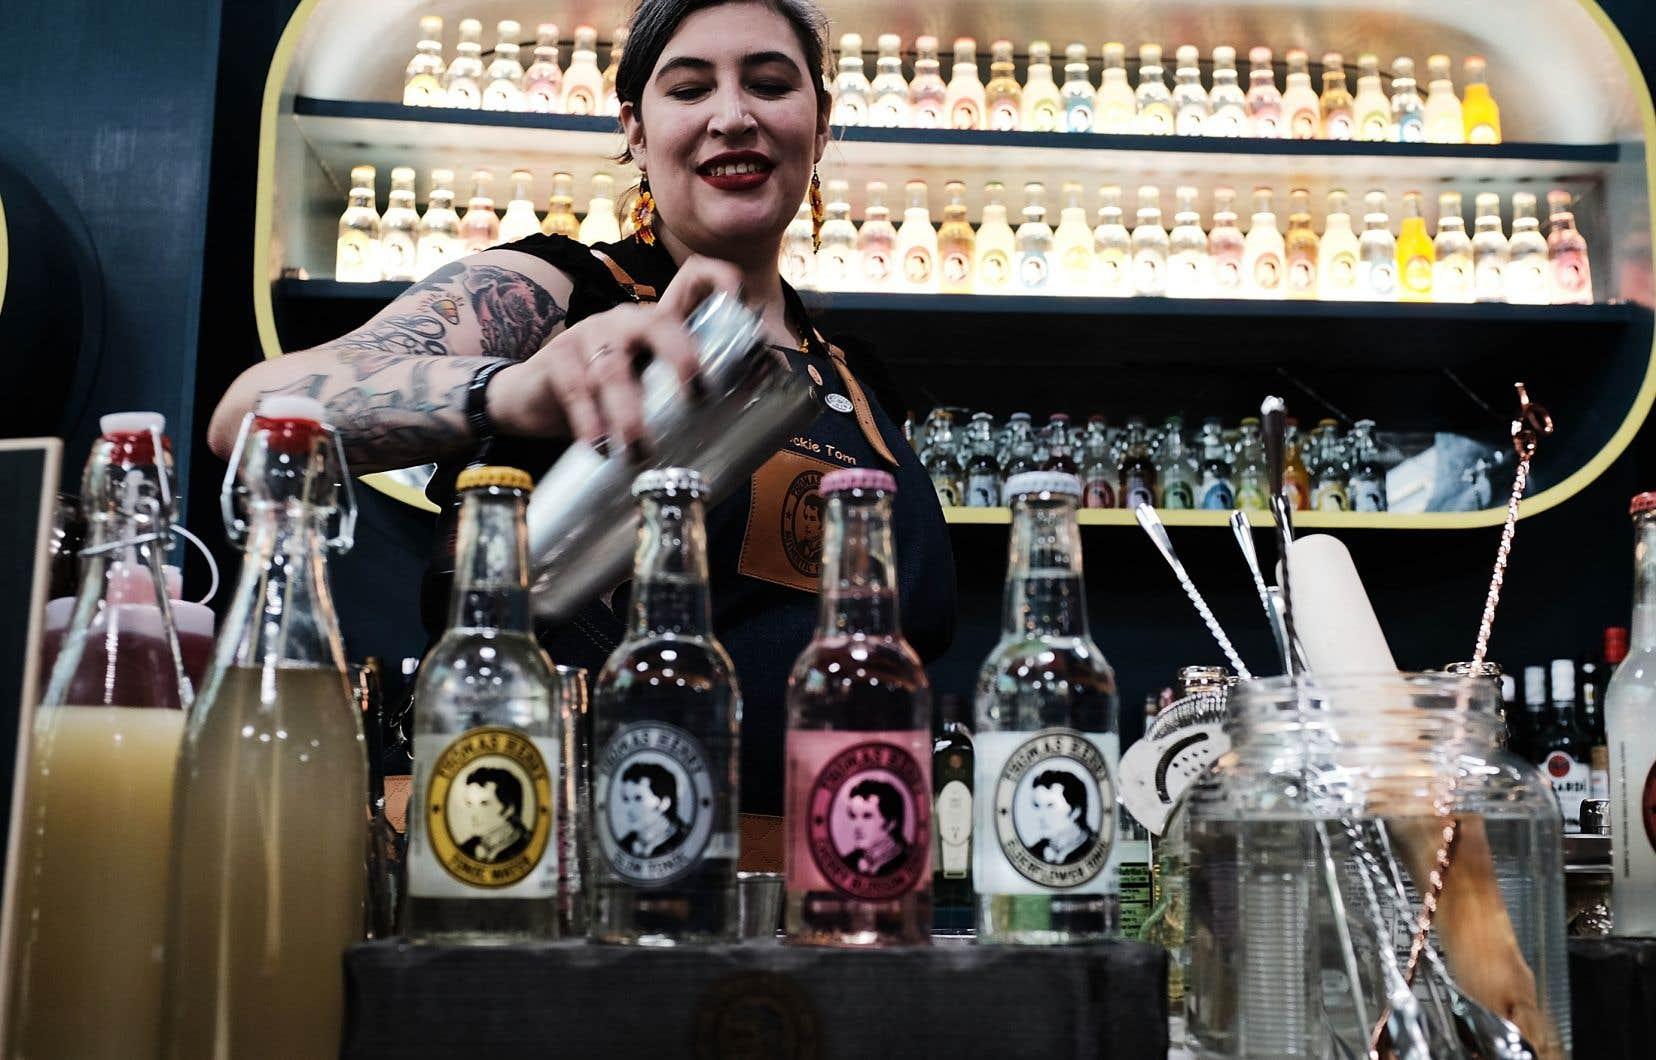 Selon une étude, la consommation d'alcool serait responsable de près de 3 millions de morts chaque année dans le monde.